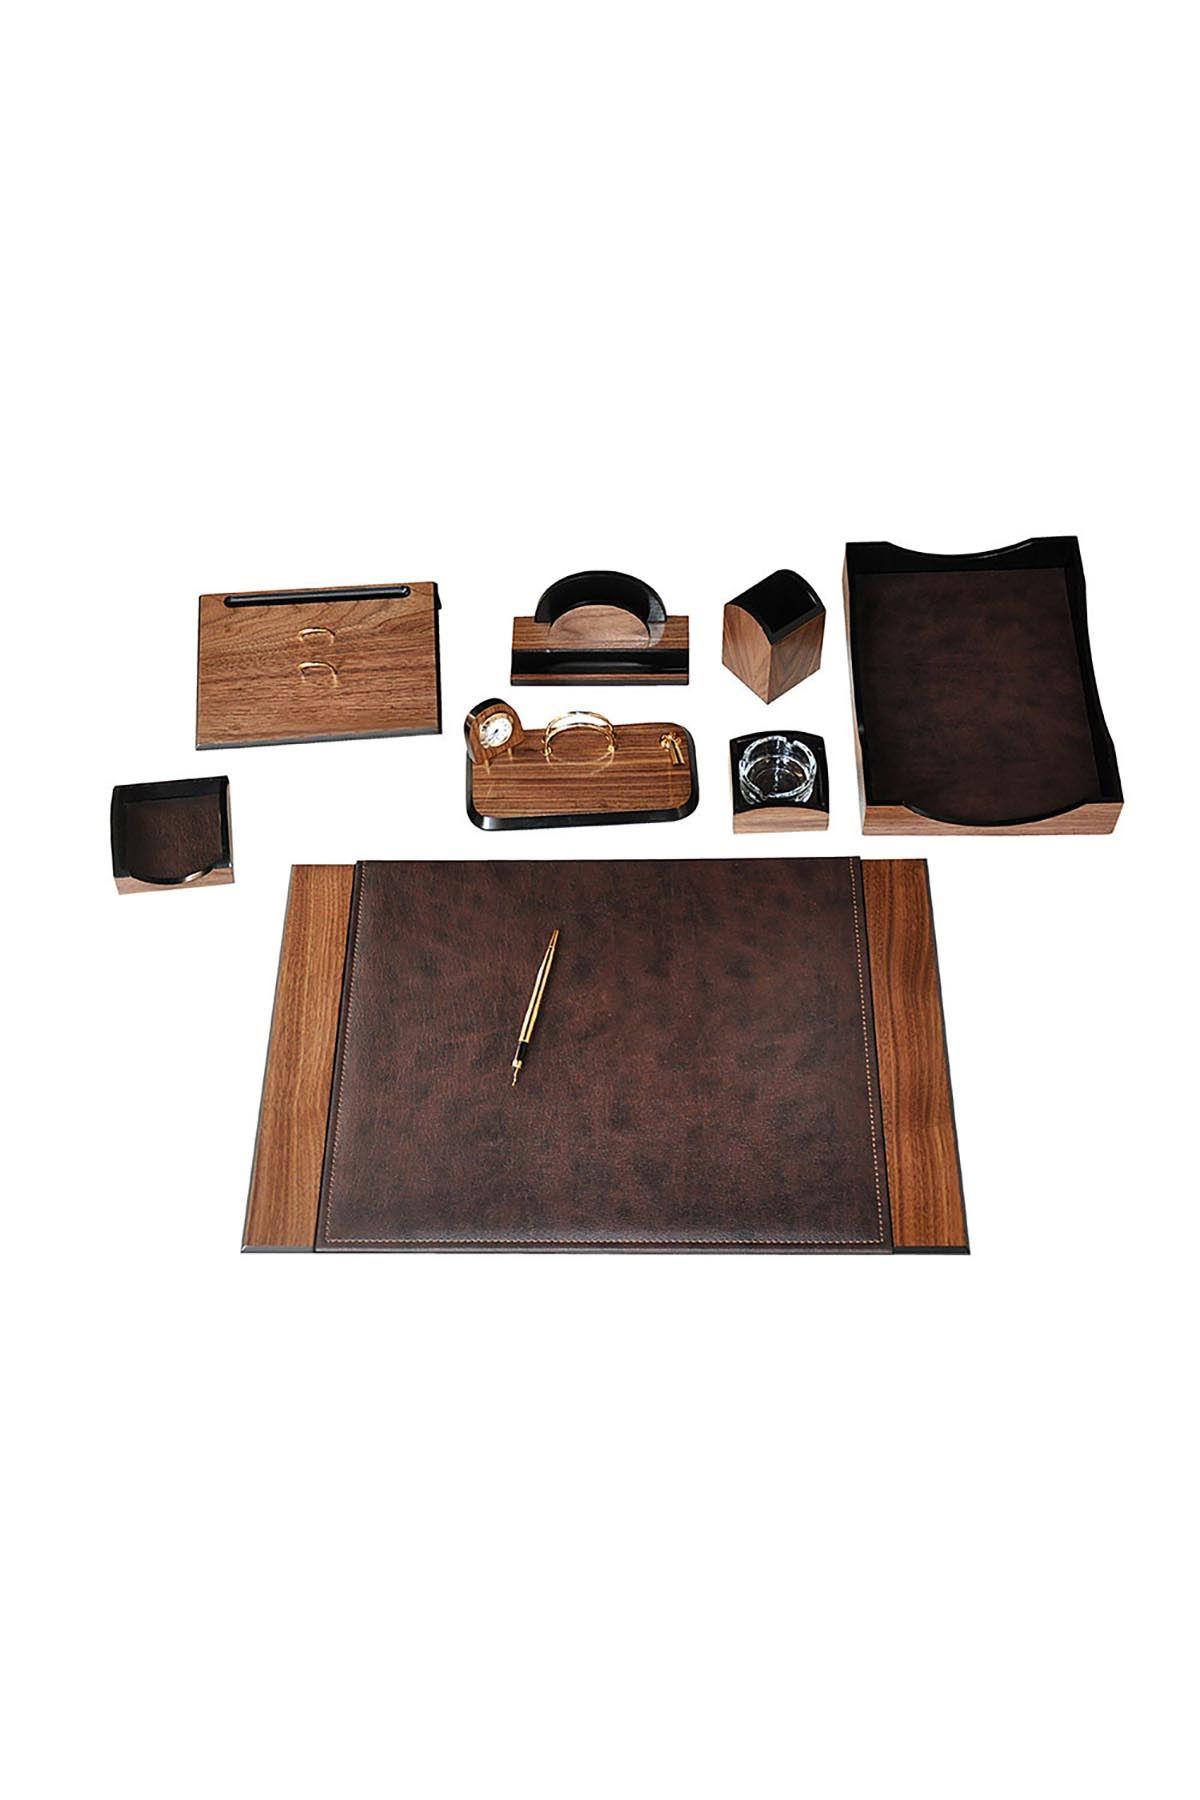 Wooden Karizma Desk Set Brown 9 Accessories